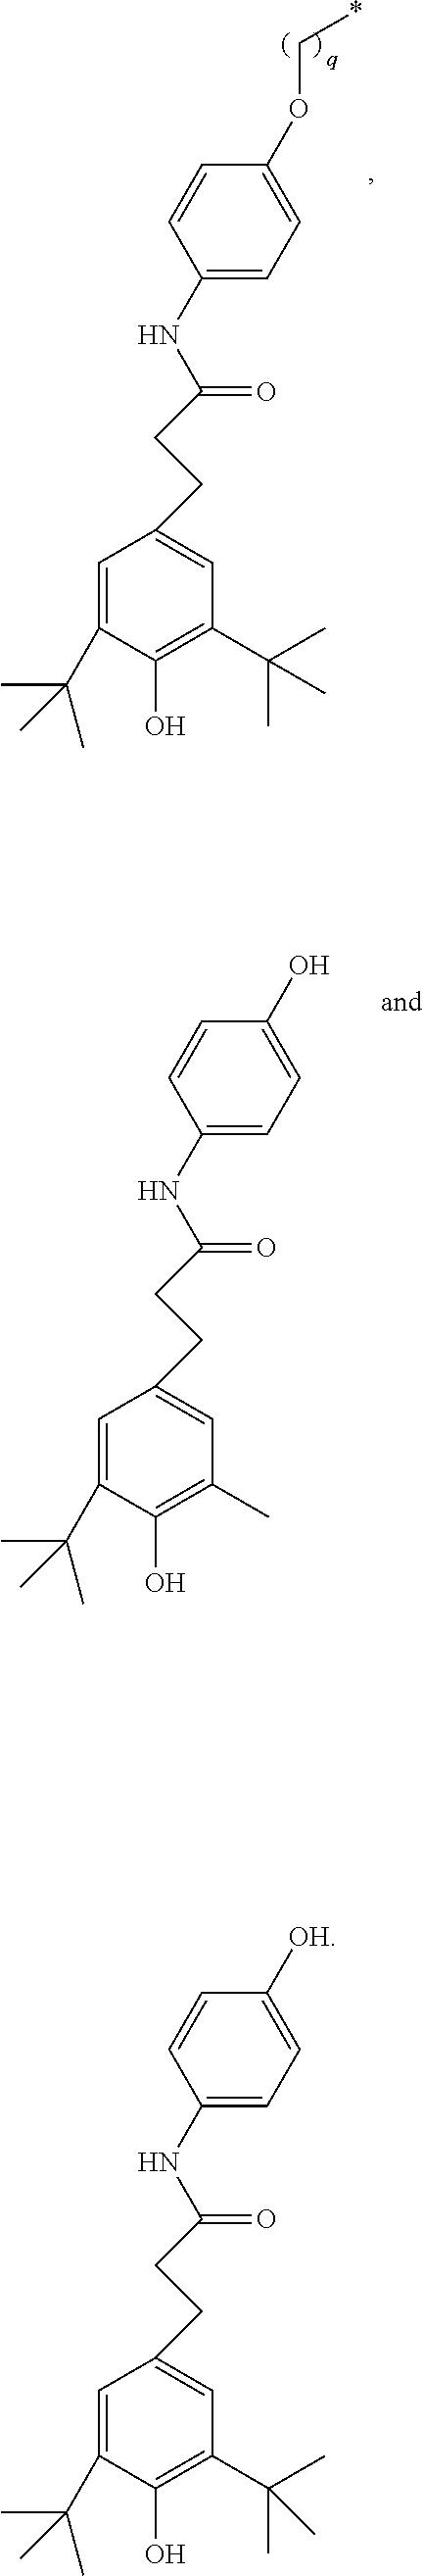 Figure US09523060-20161220-C00103